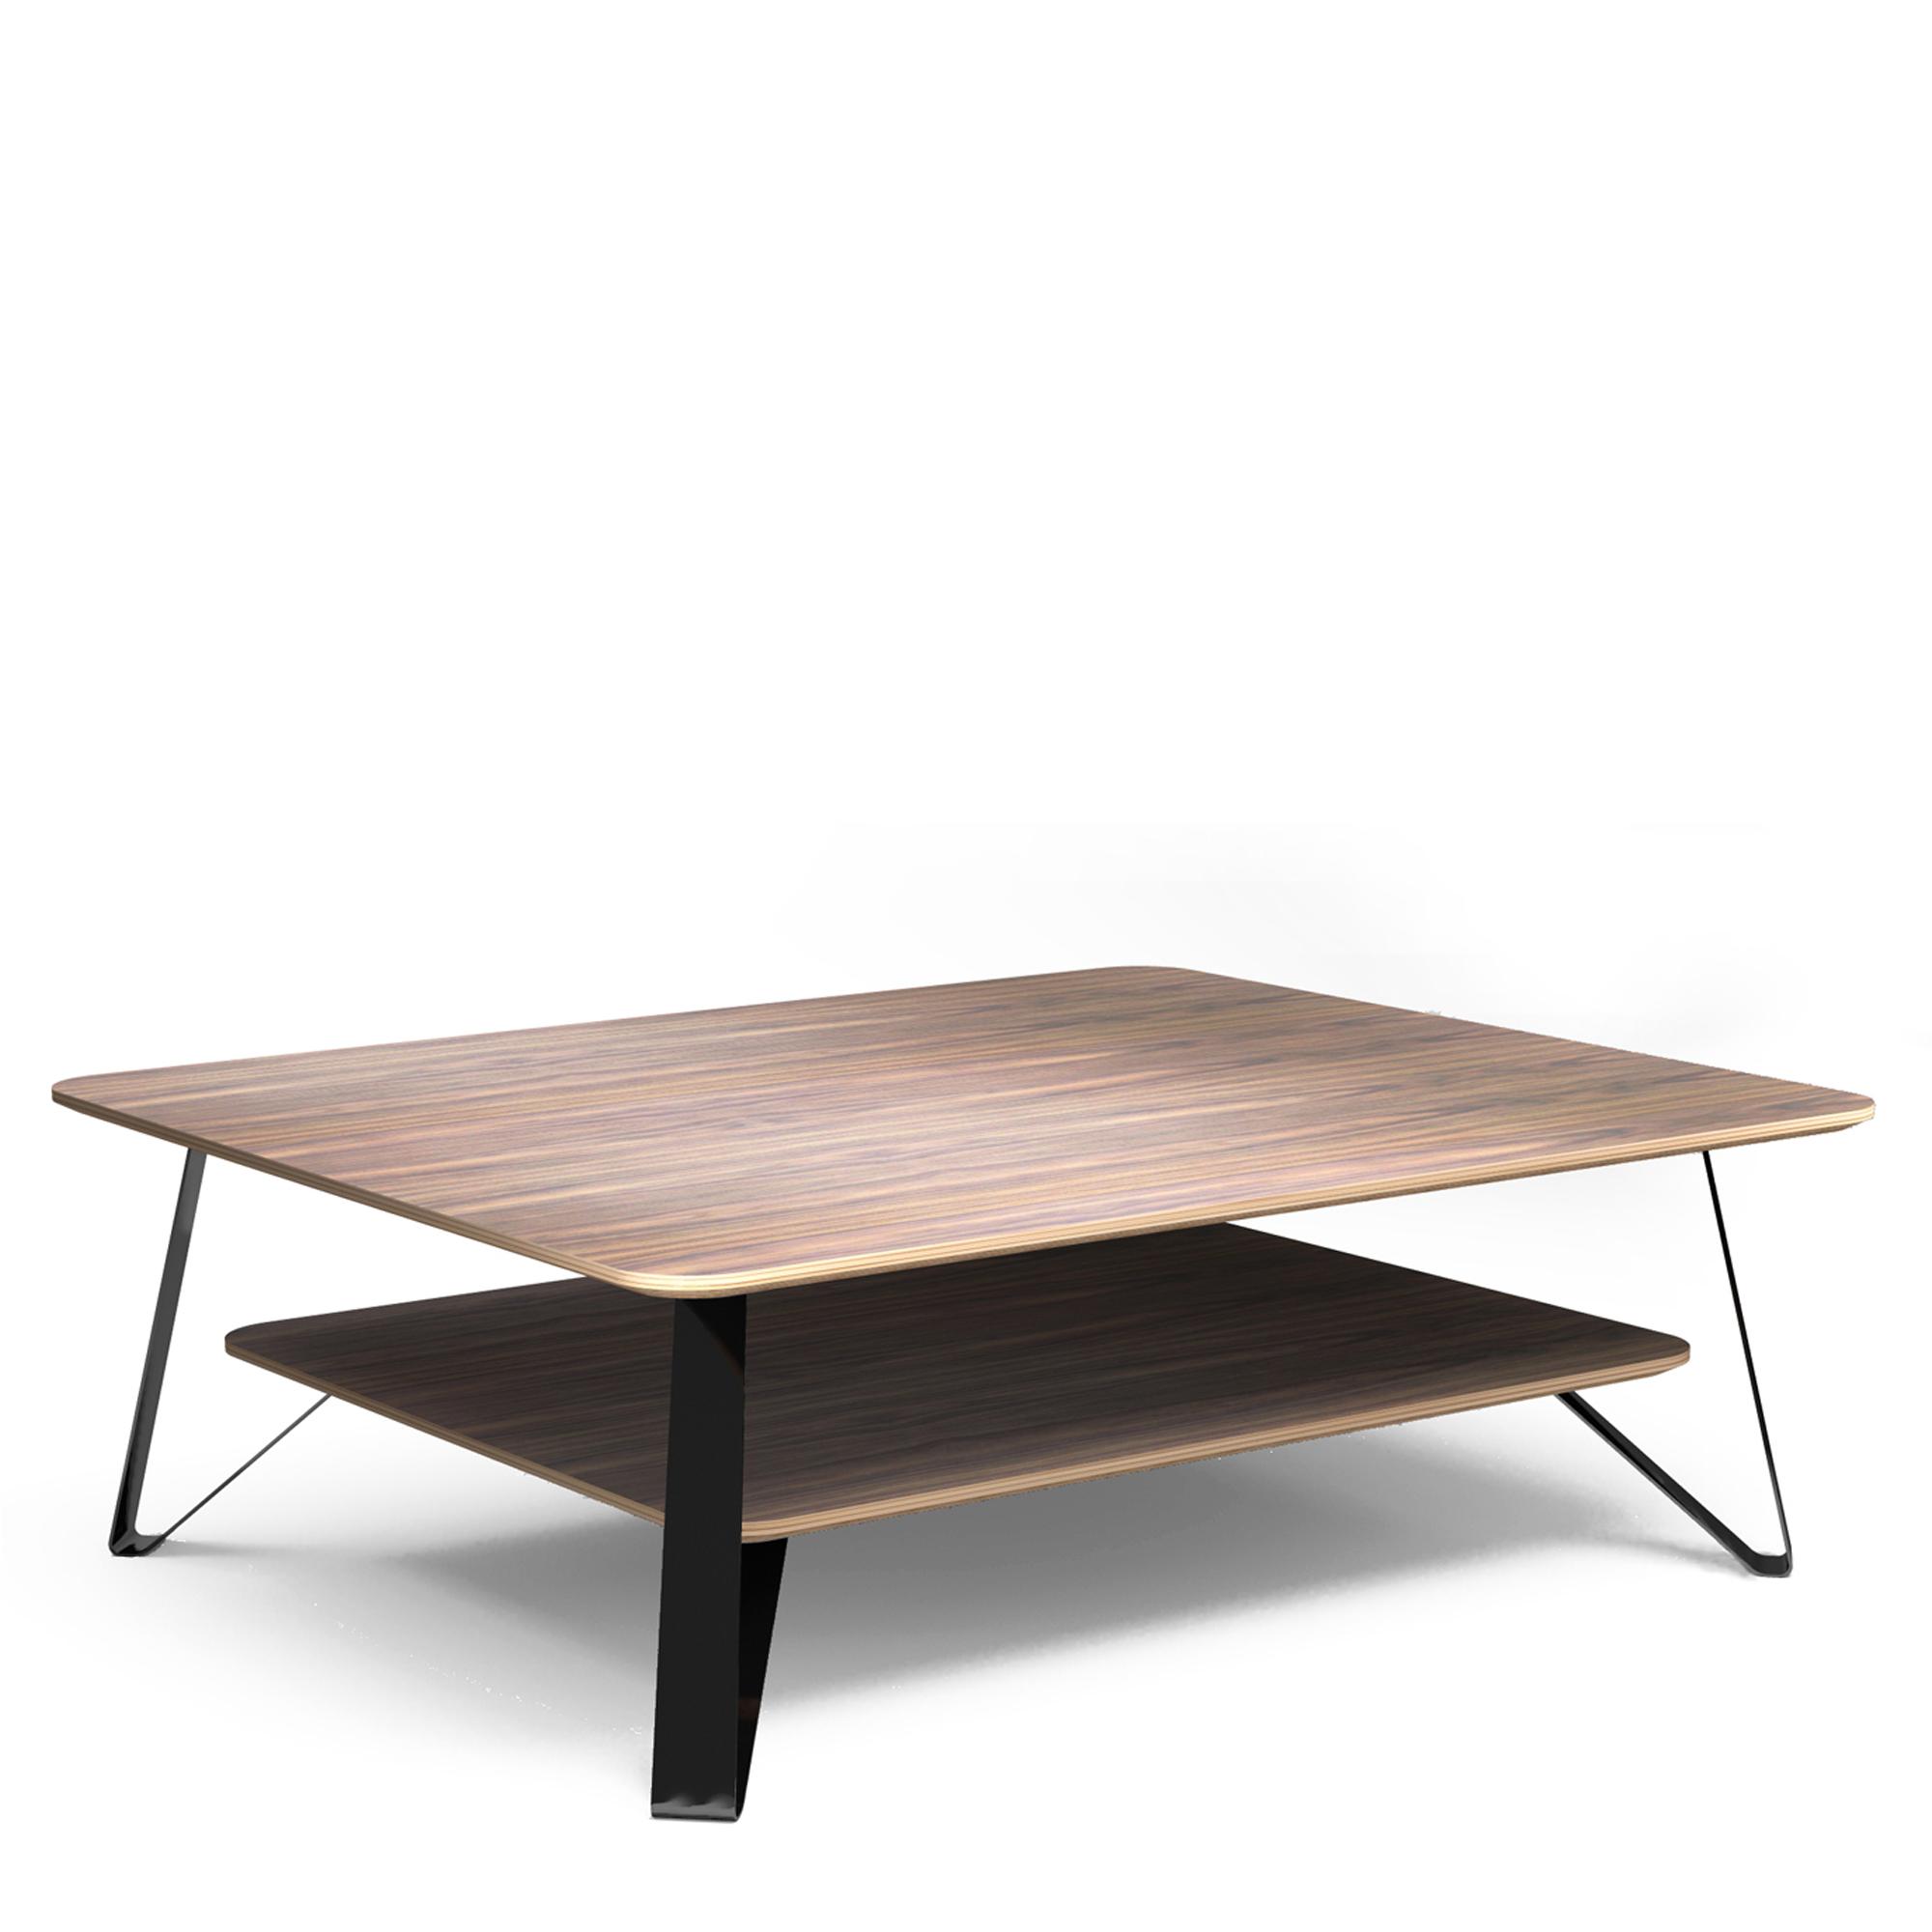 Table basse en bois et noir